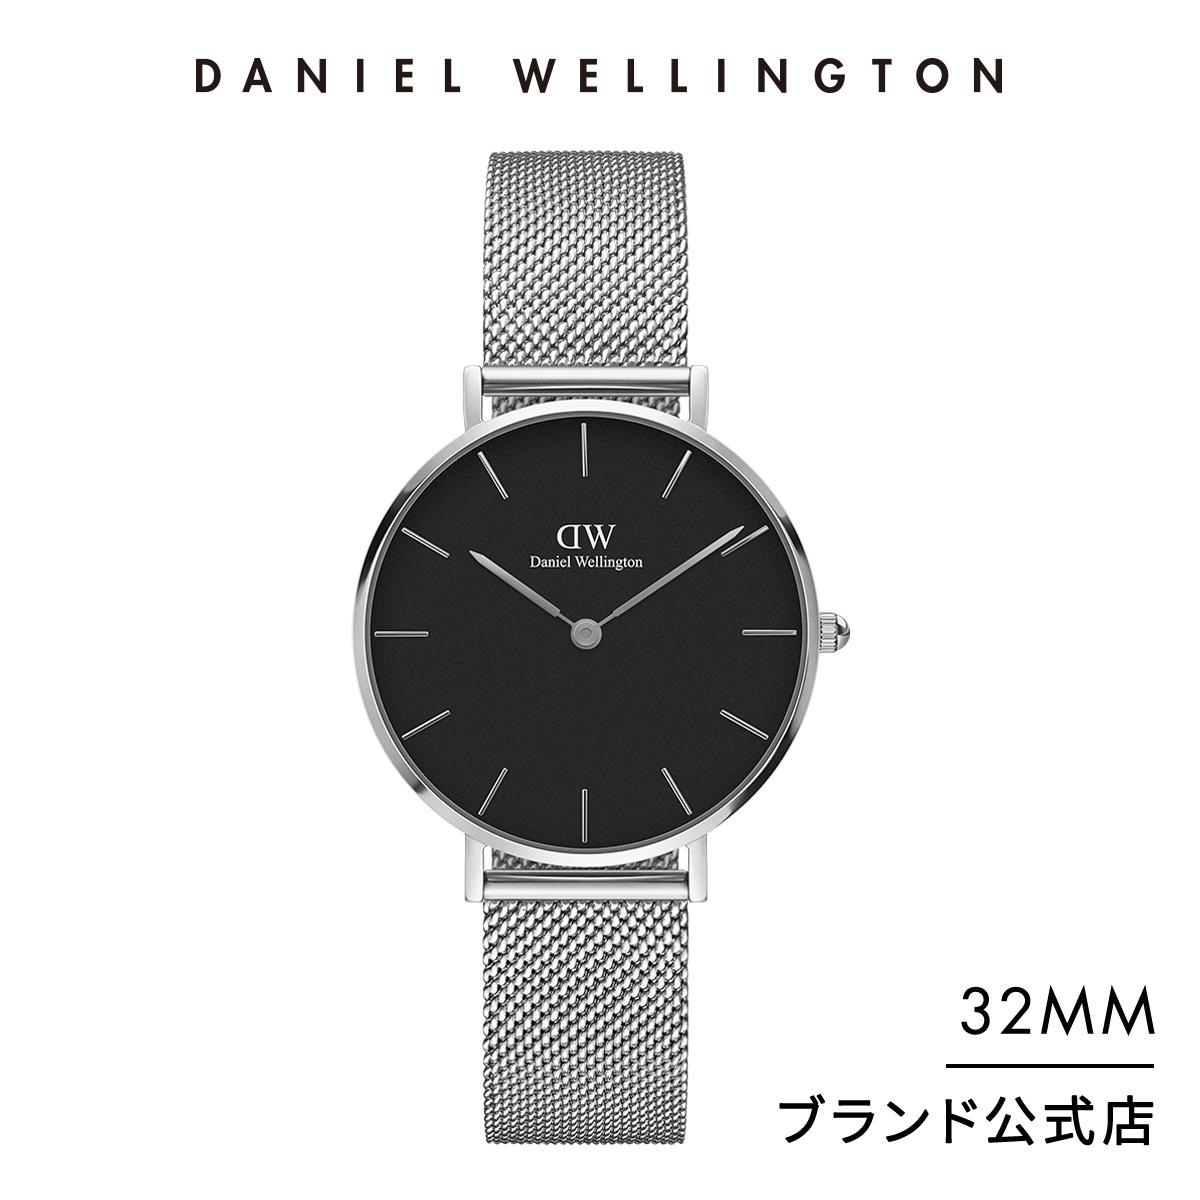 【公式2年保証/送料無料】ダニエルウェリントン公式 レディース 腕時計 Petite Sterling Black 32mm メッシュ ベルト クラシック ぺティート スターリング ブラック DW プレゼント おしゃれ インスタ映え 母の日